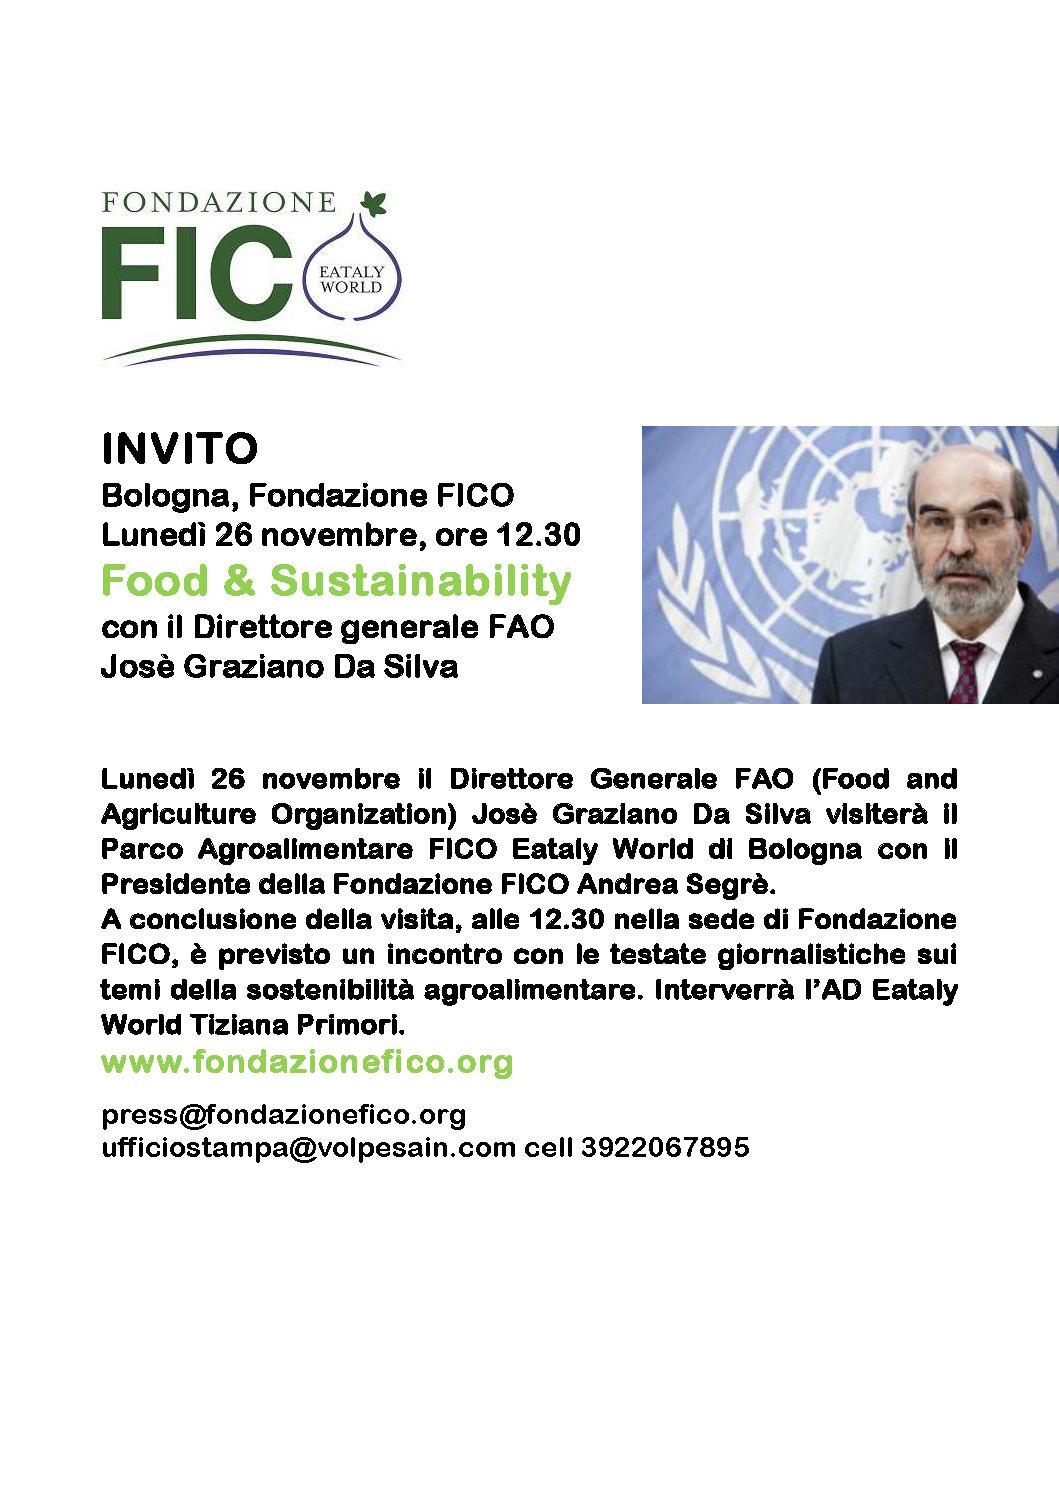 CS-0069-26-11-2018-FAO-A-FONDAZIONE-FICO2